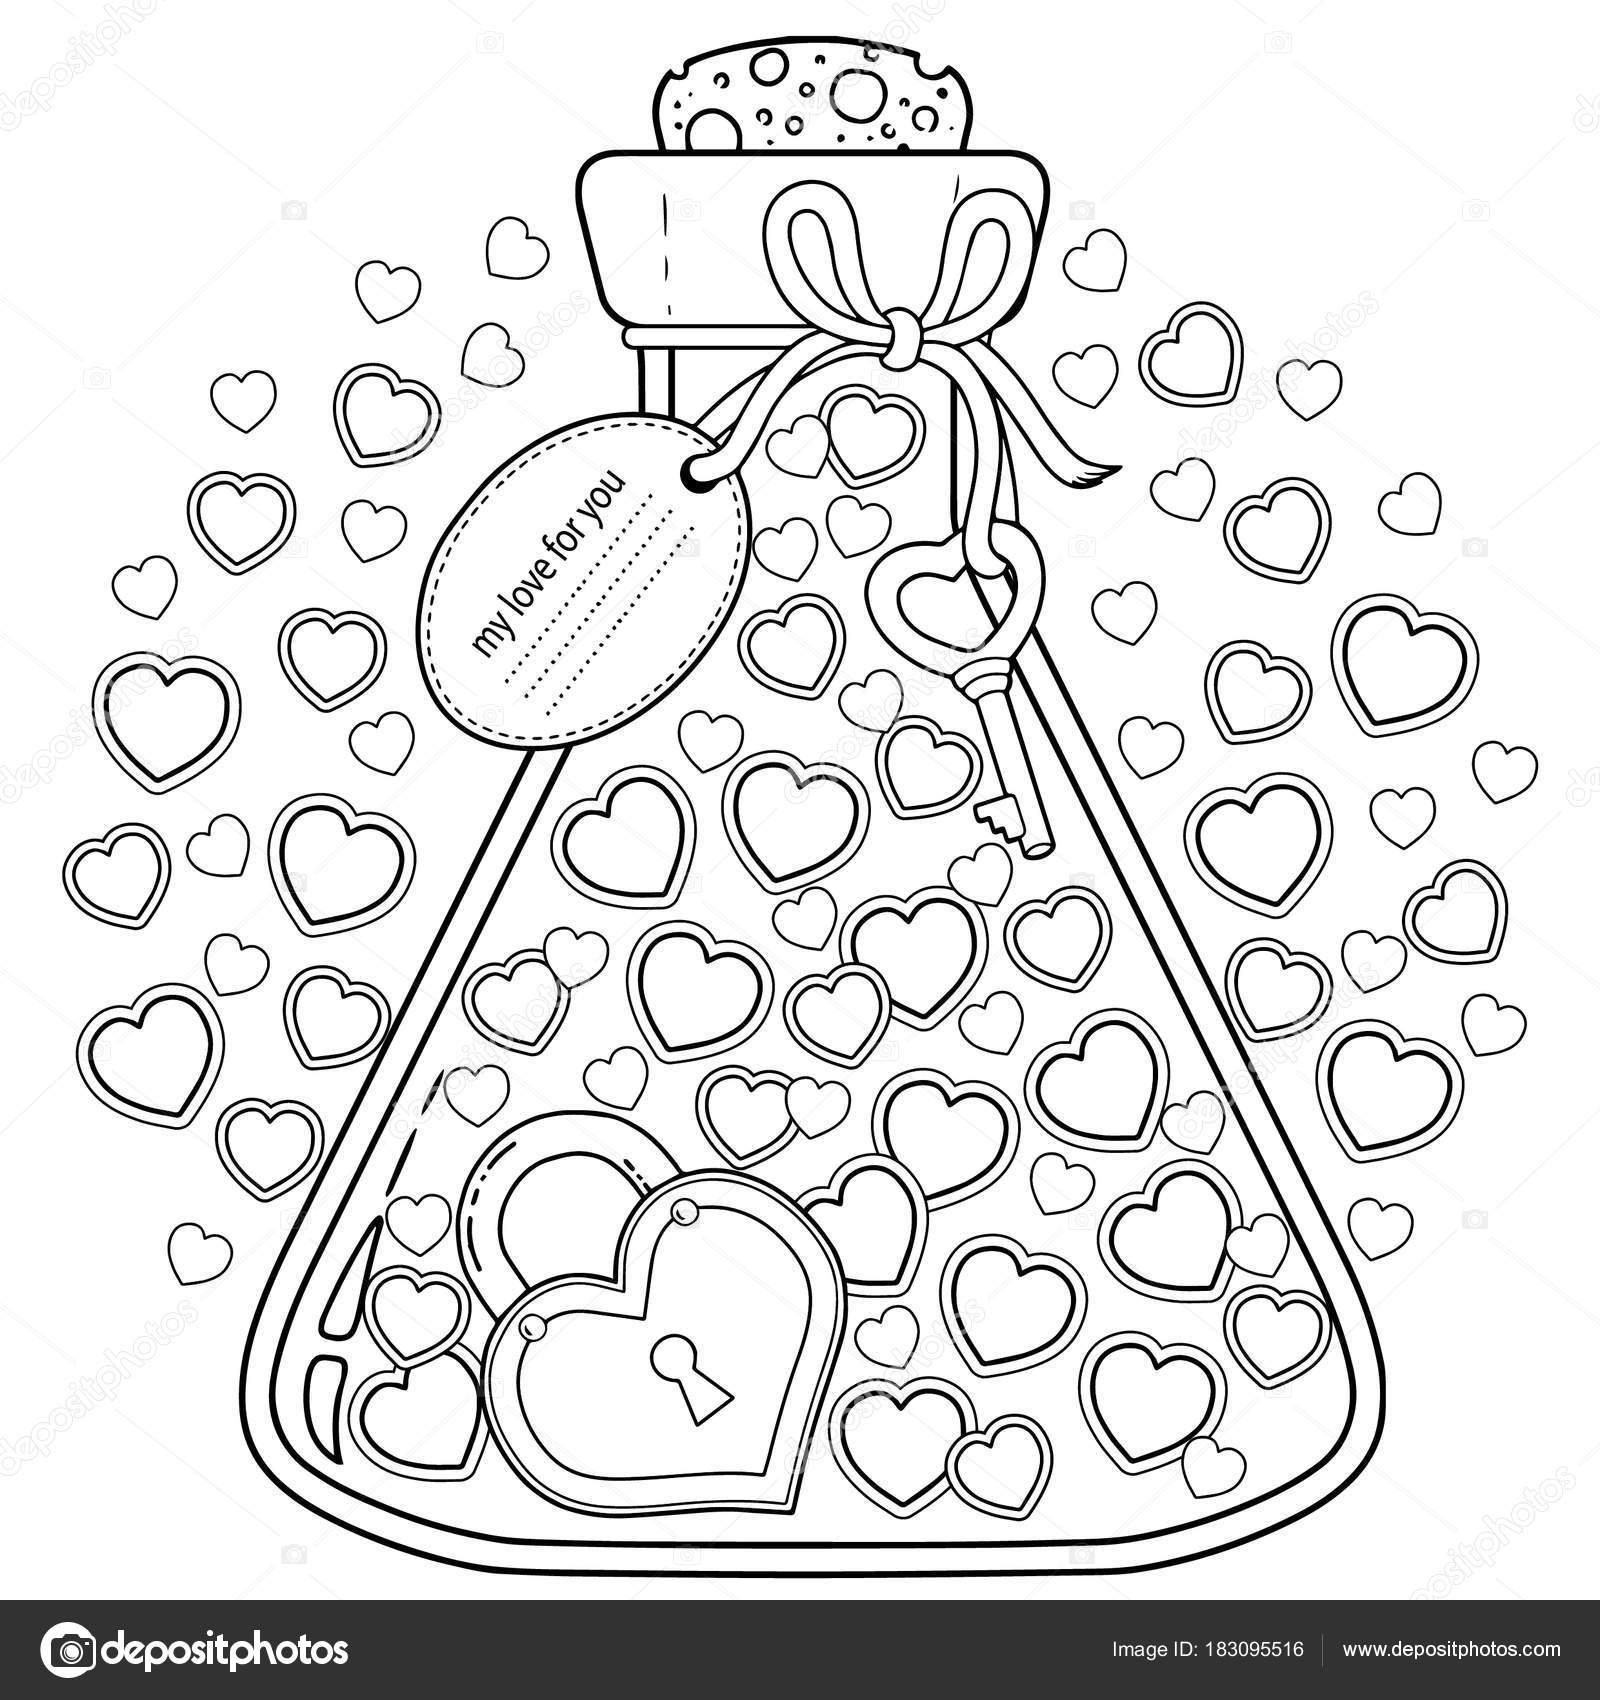 Kleurplaten Voor Volwassenen Love.Vector Kleurplaten Voor Volwassenen Aftelkalender Voor Valentijnsdag